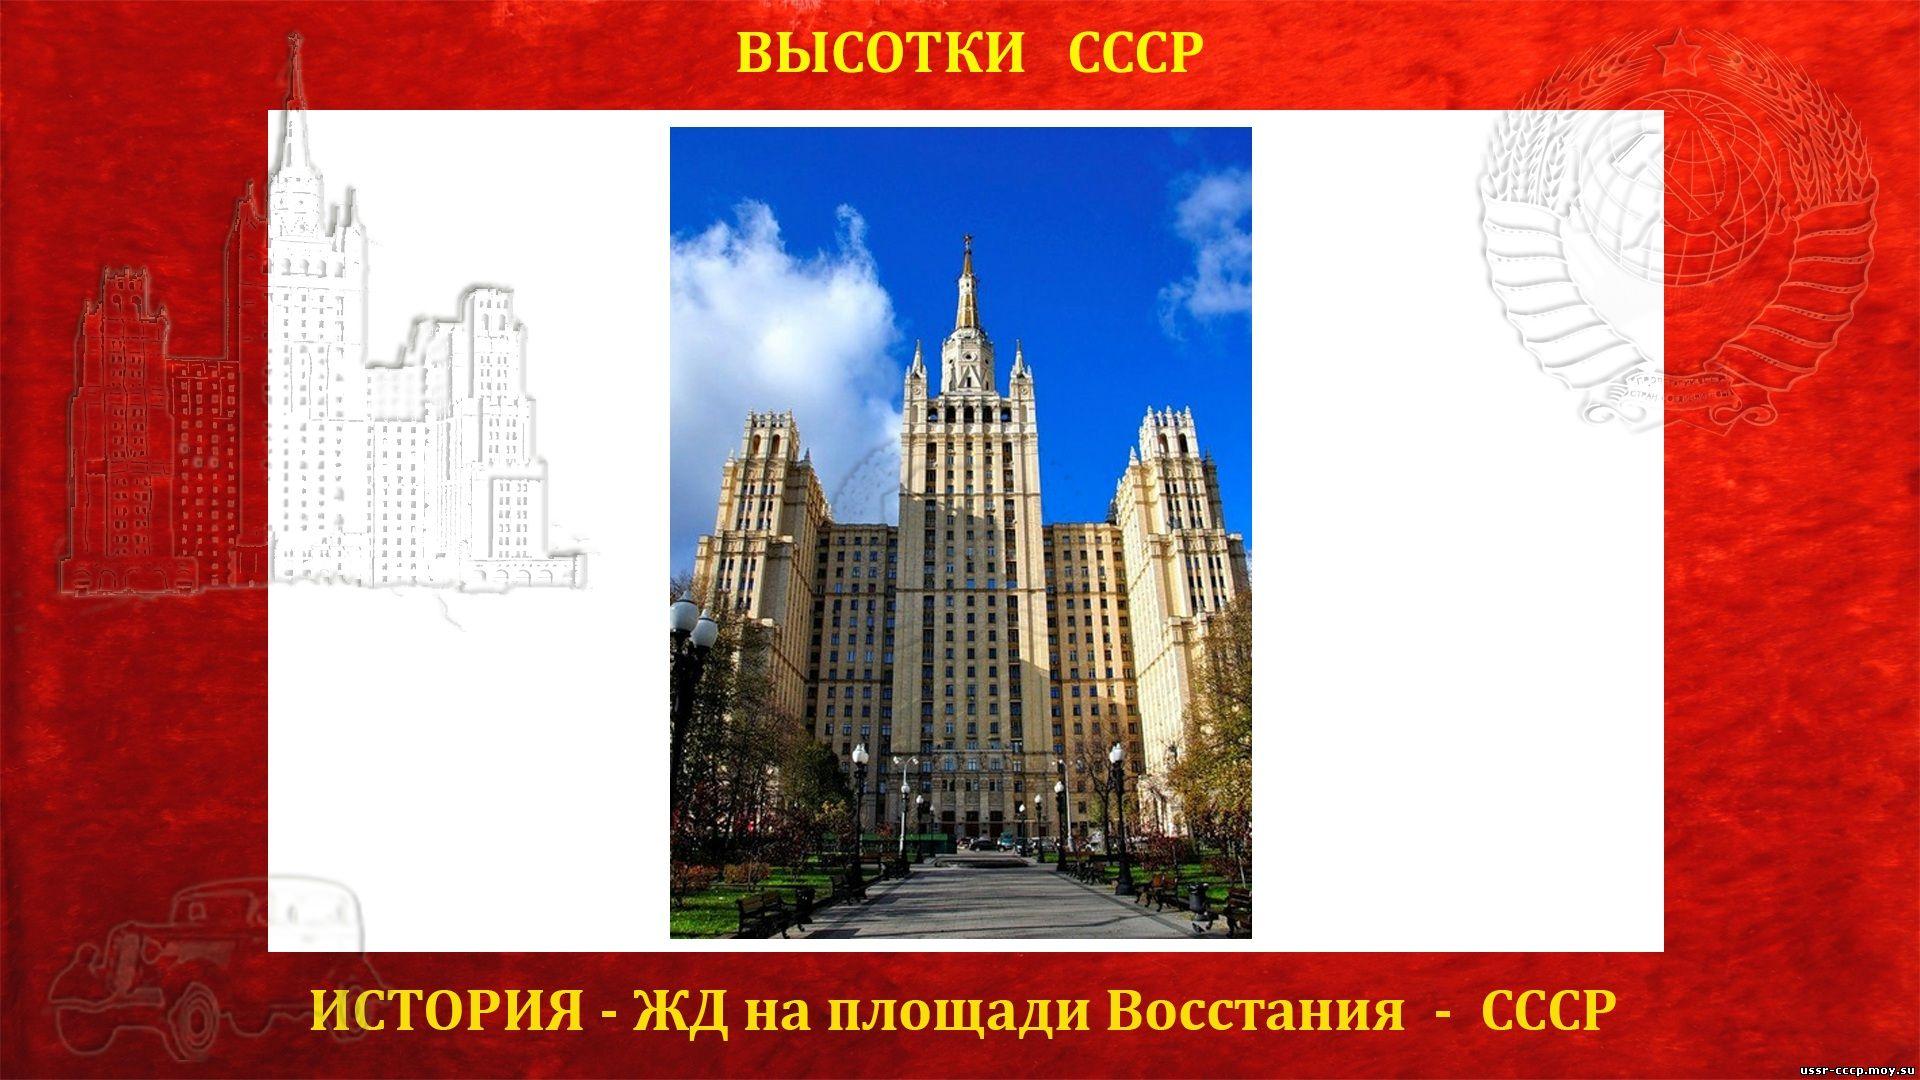 История строительства Сталинской высотки ЖД на площади Восстания (повествование)